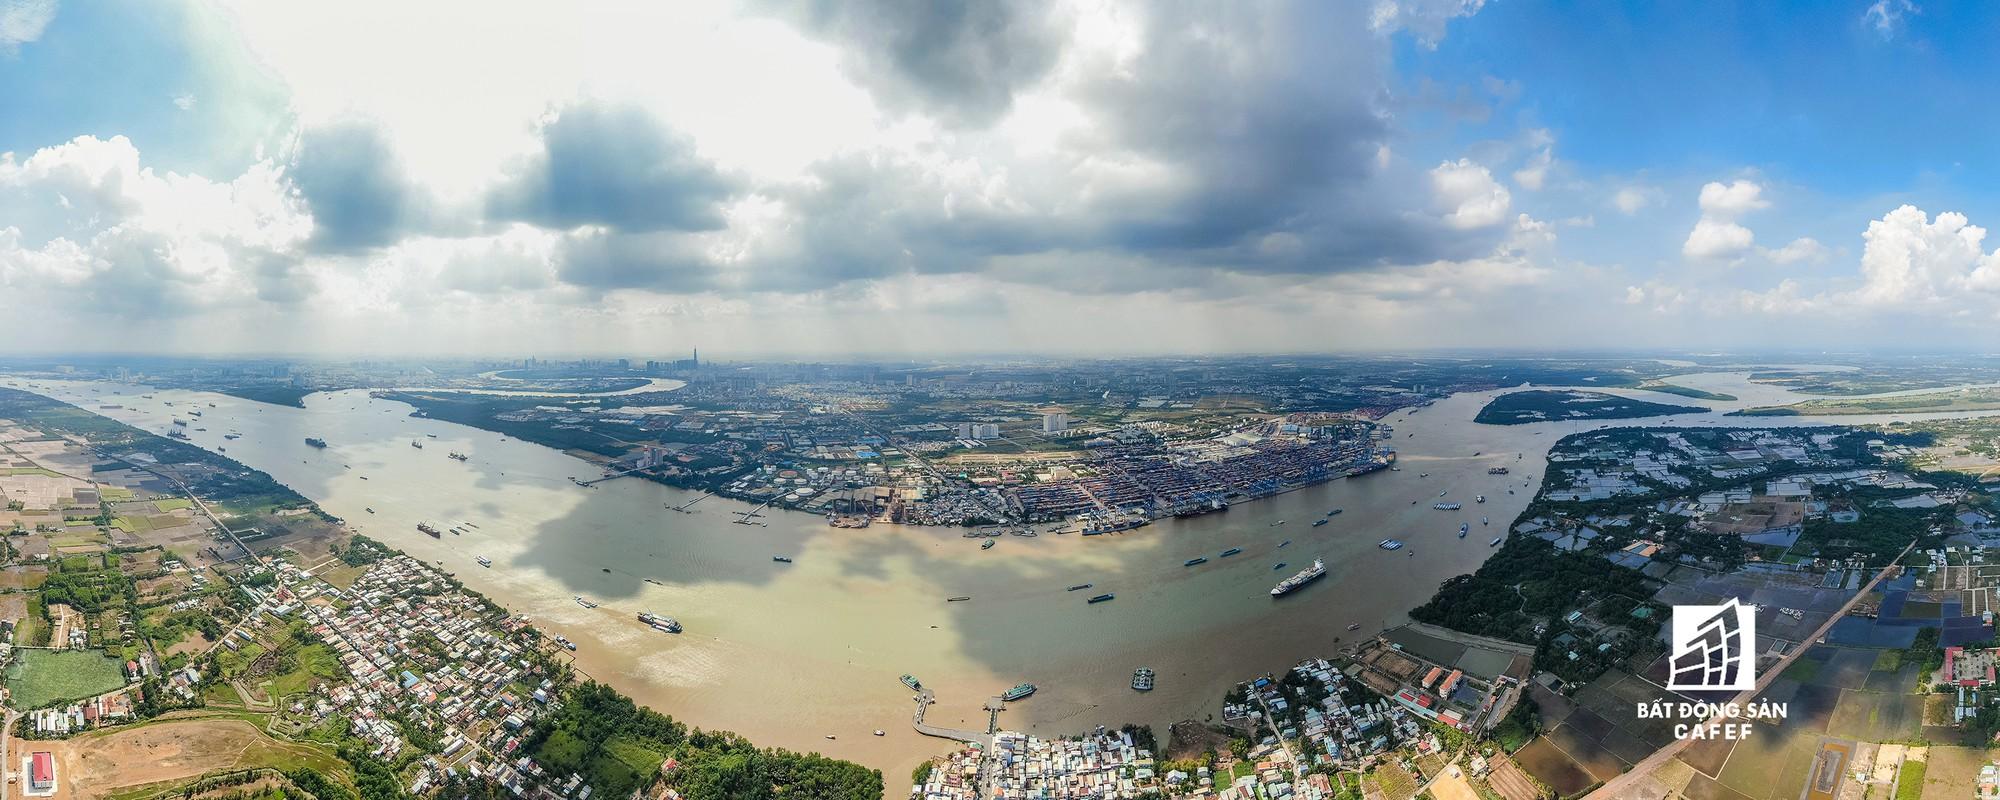 Đồng Nai chốt phương án xây cầu Cát Lái nối Nhơn Trạch và TP.HCM, bức tranh thị trường bất động sản thay đổi chóng mặt - Ảnh 28.